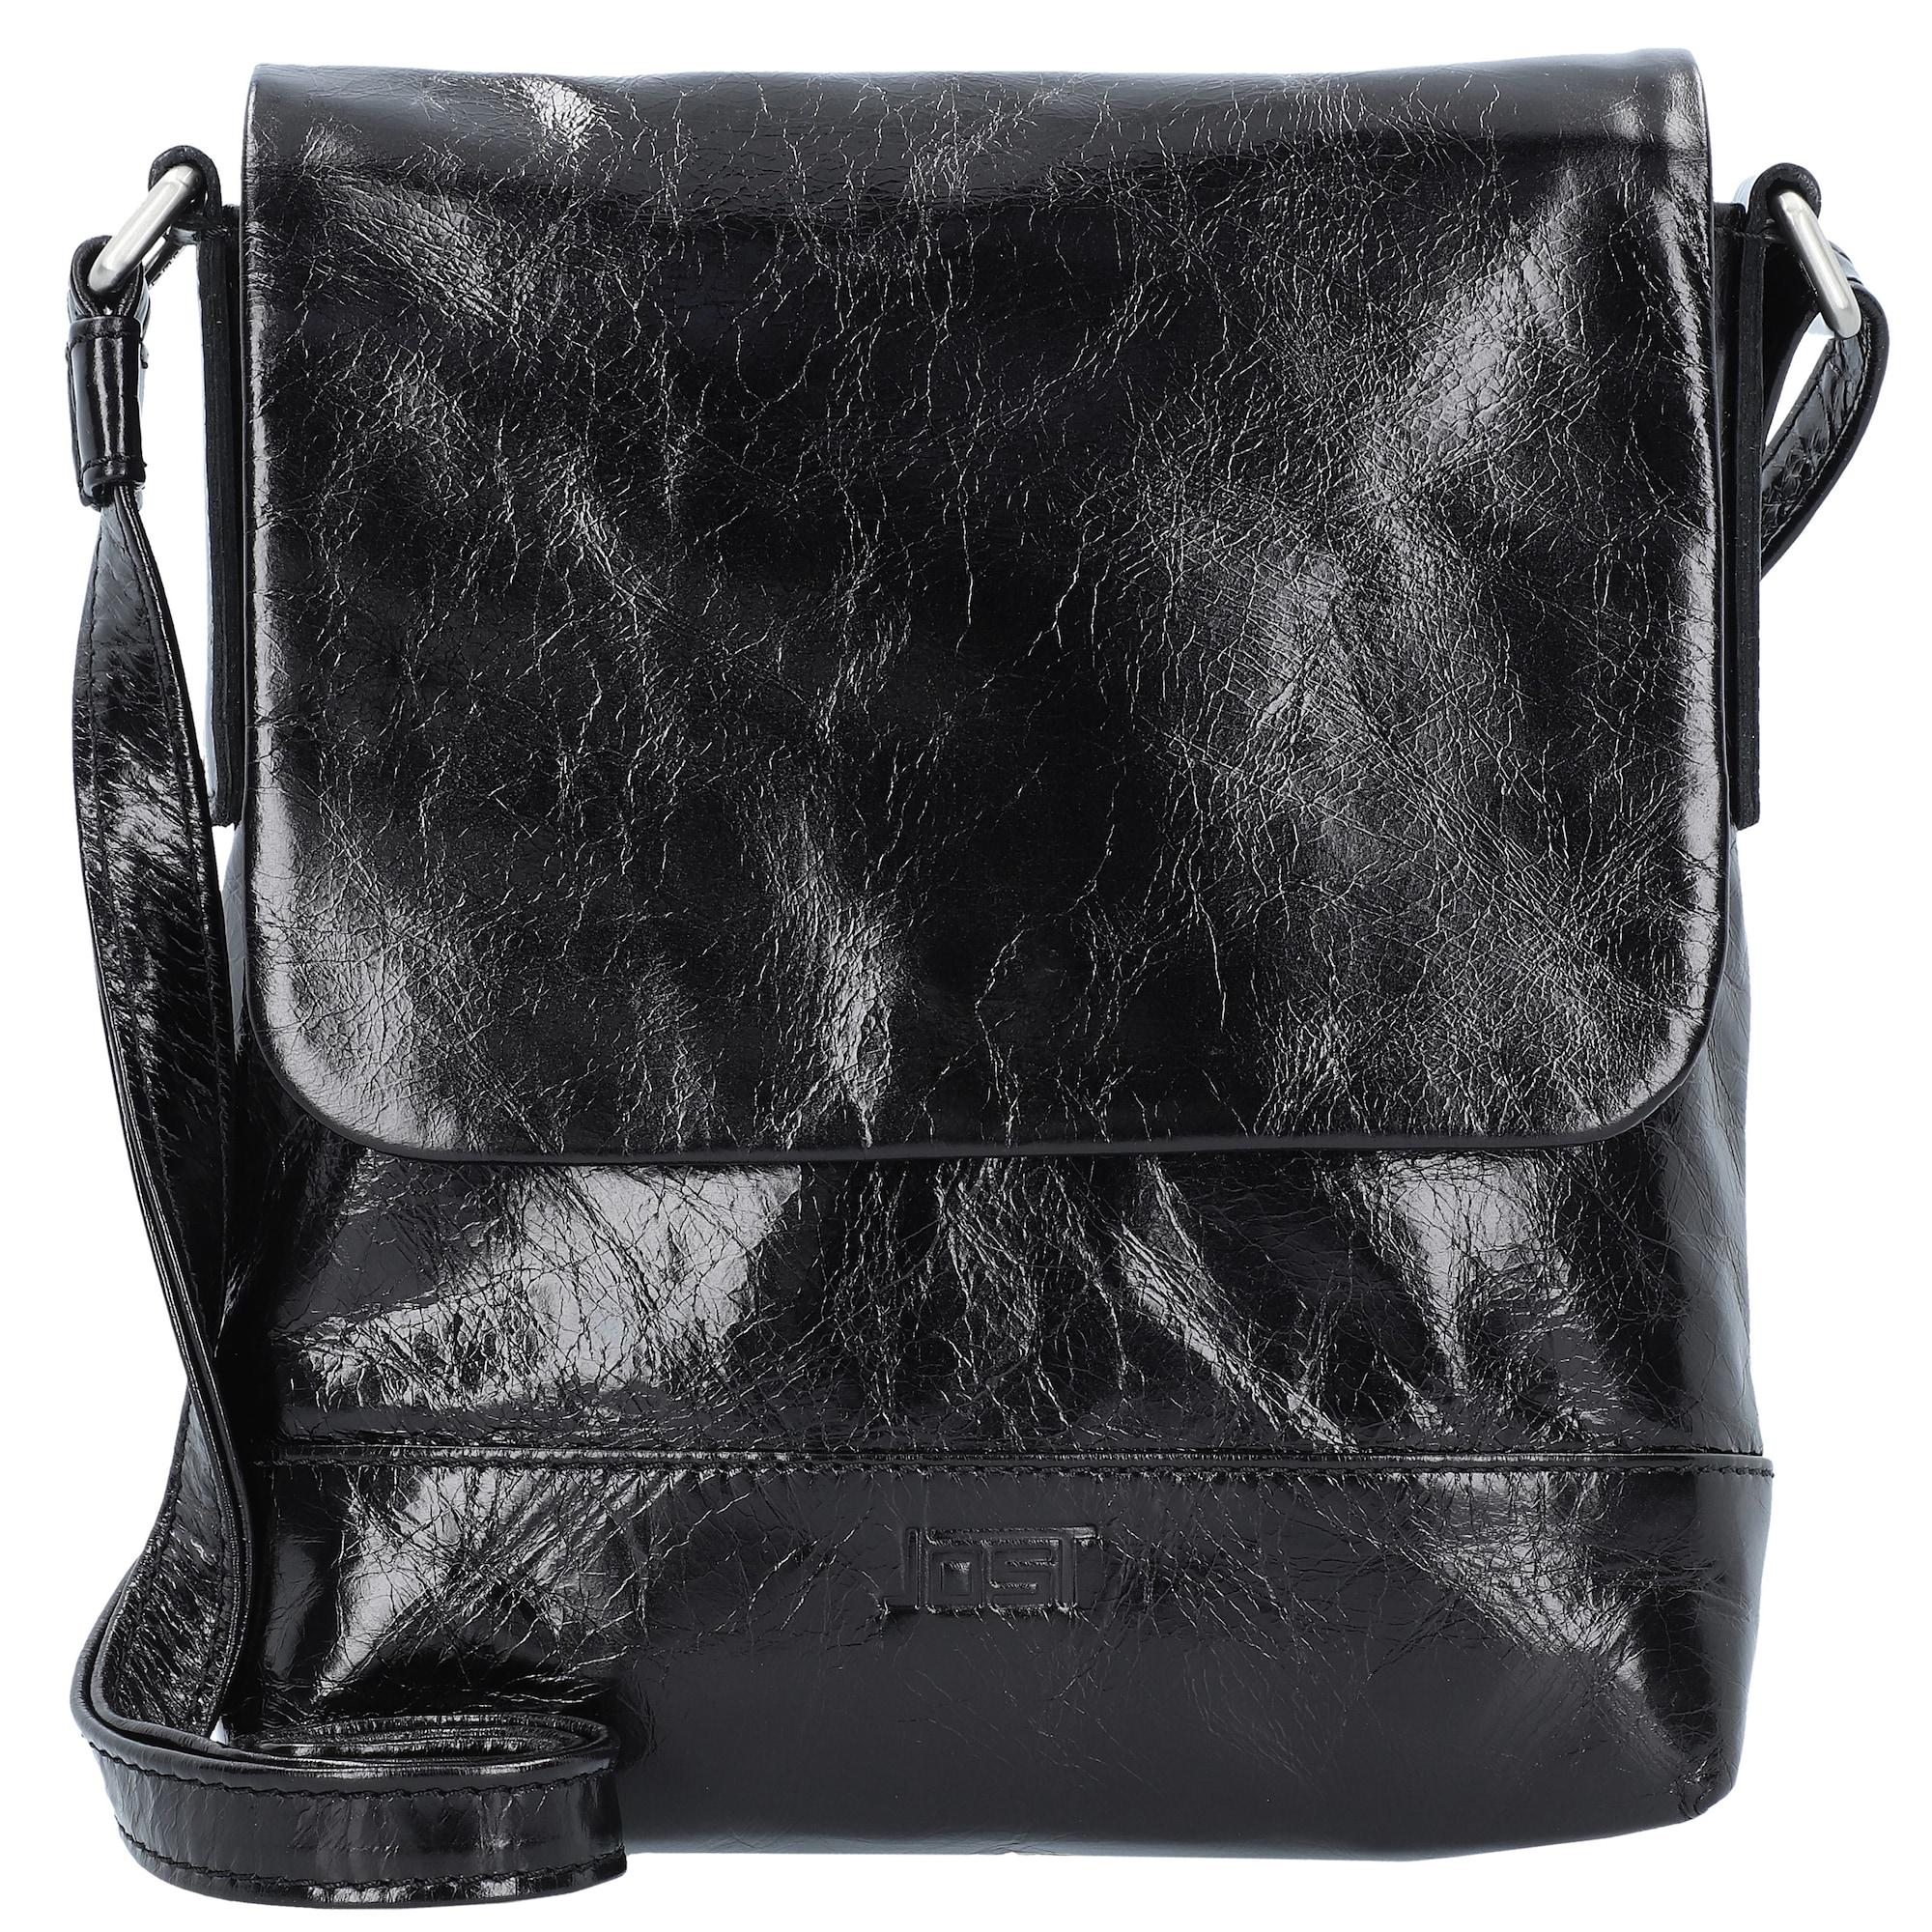 Umhängetasche 'Boda' | Taschen > Handtaschen > Umhängetaschen | Jost